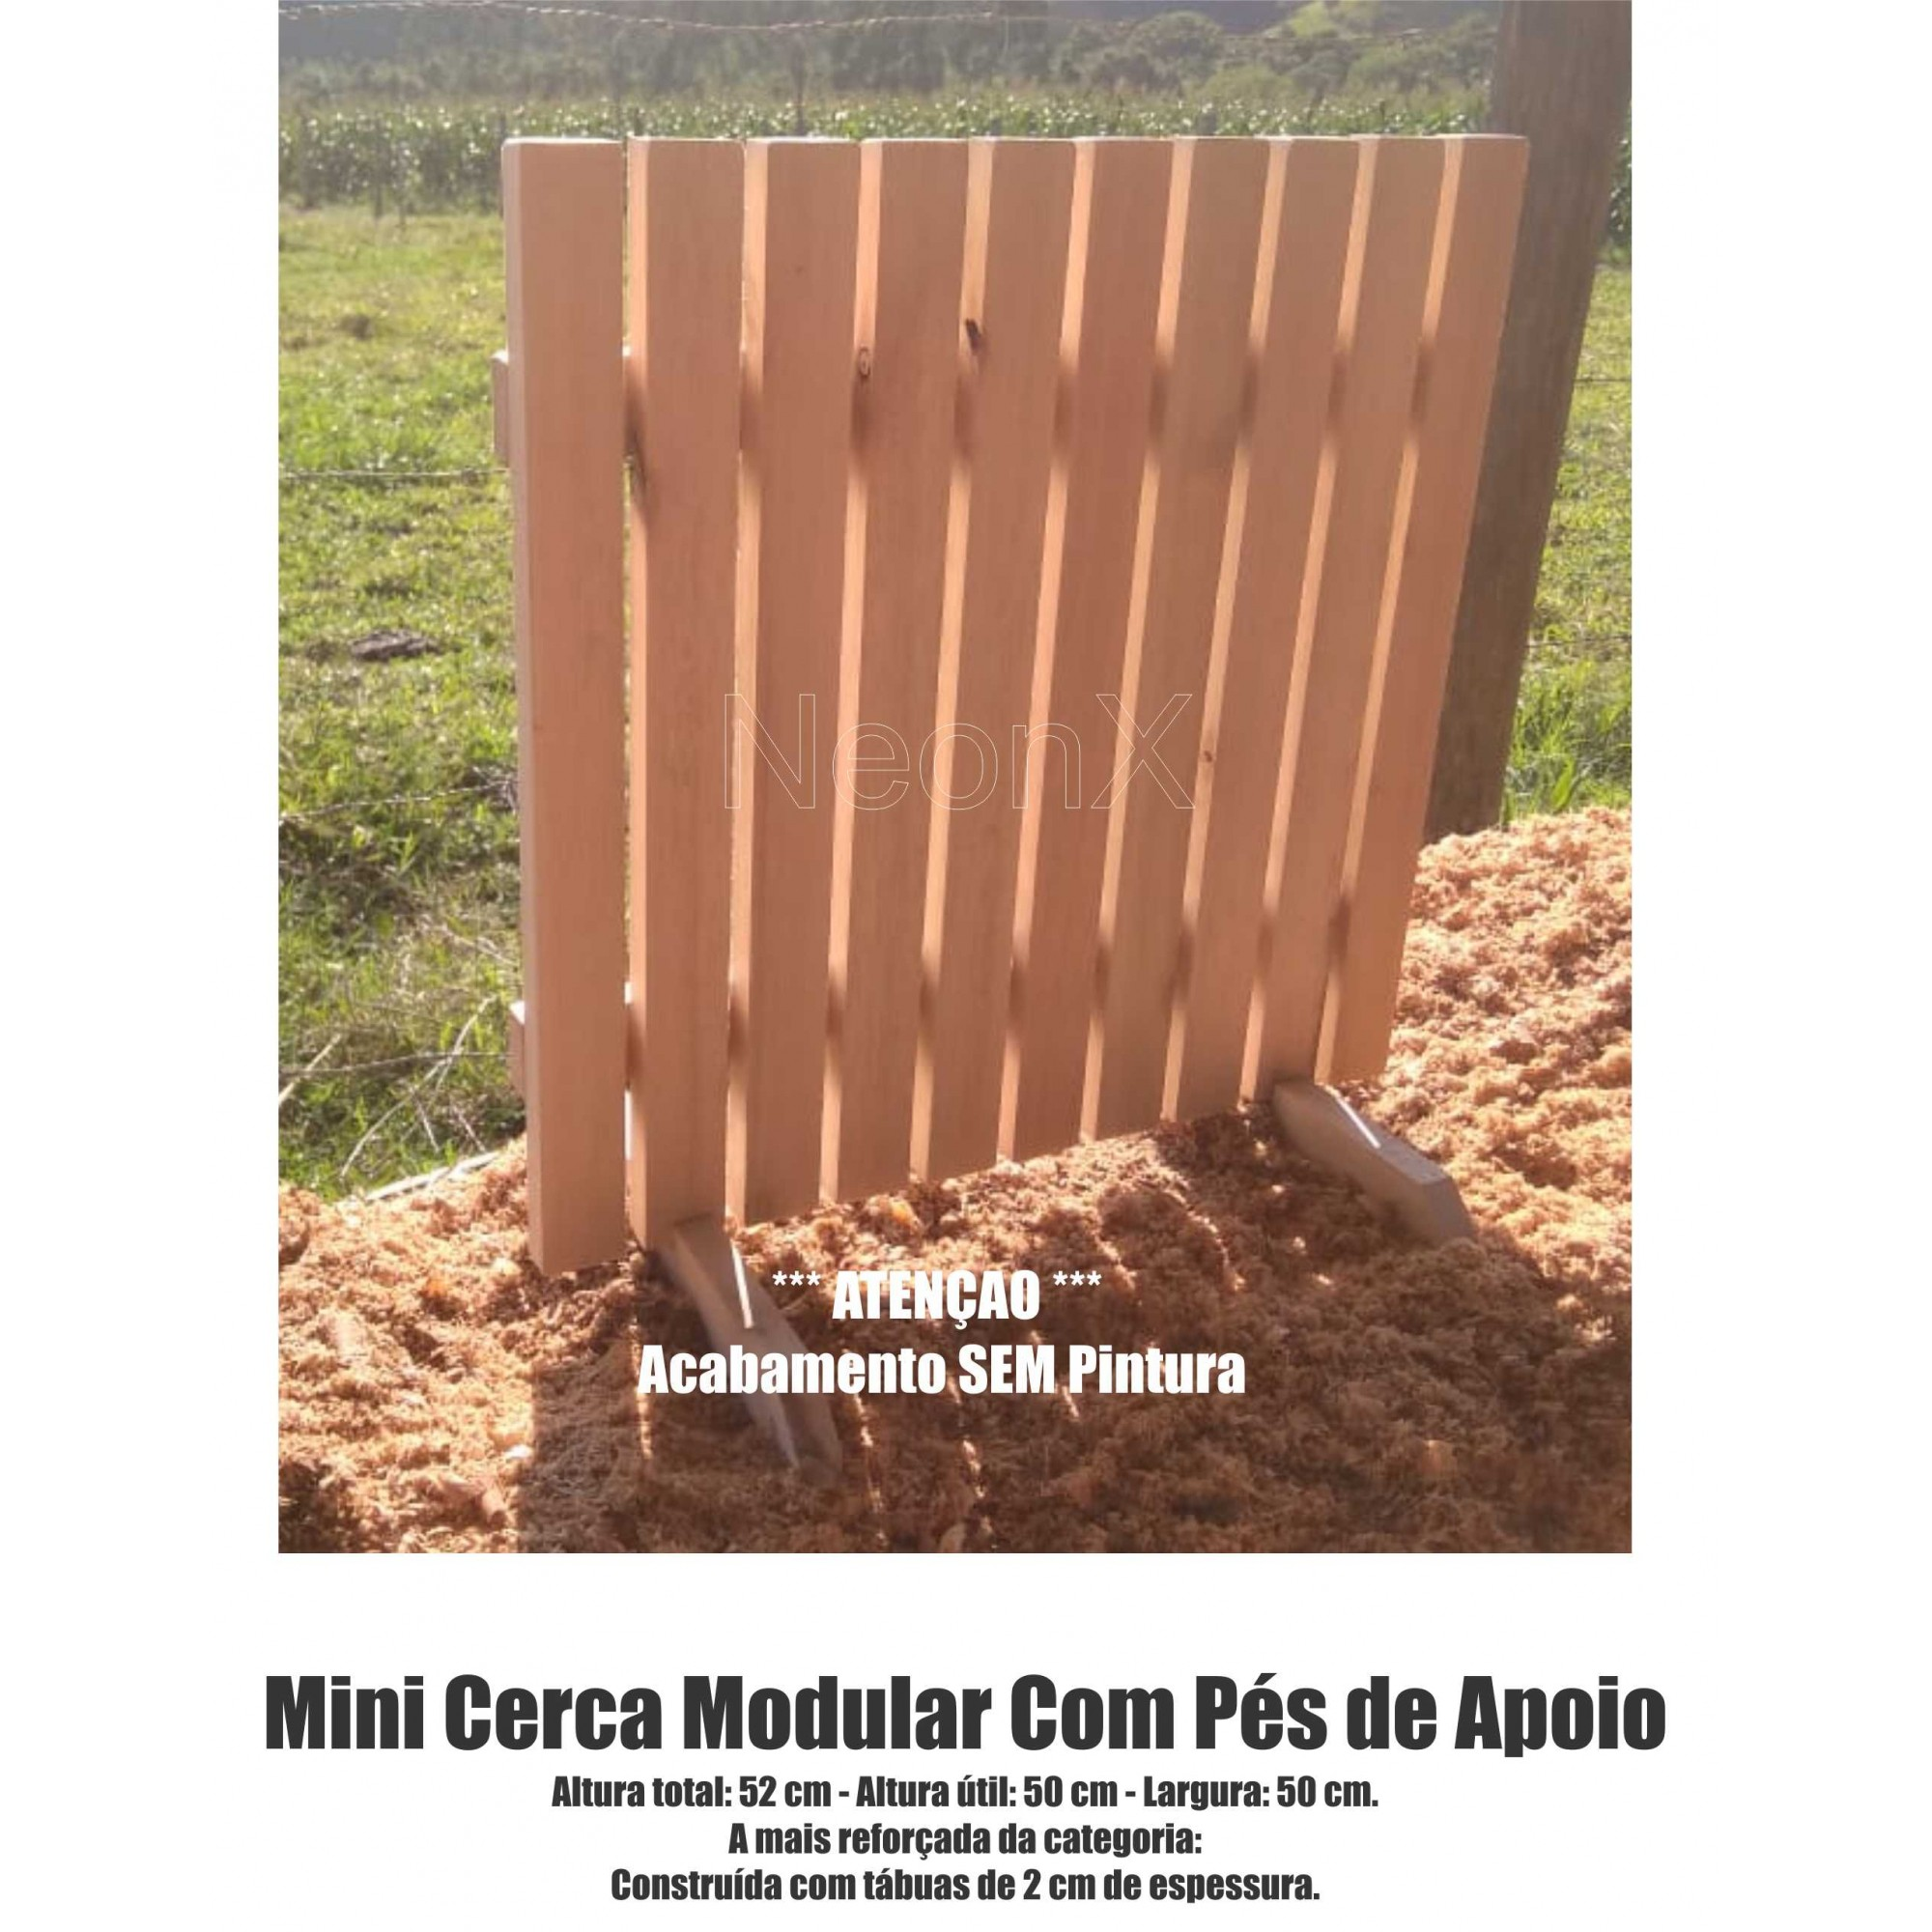 Cerca para Jardim Horta Decoração, Interna ou Externa com Pés 50x50 cm COM Pintura NeonX